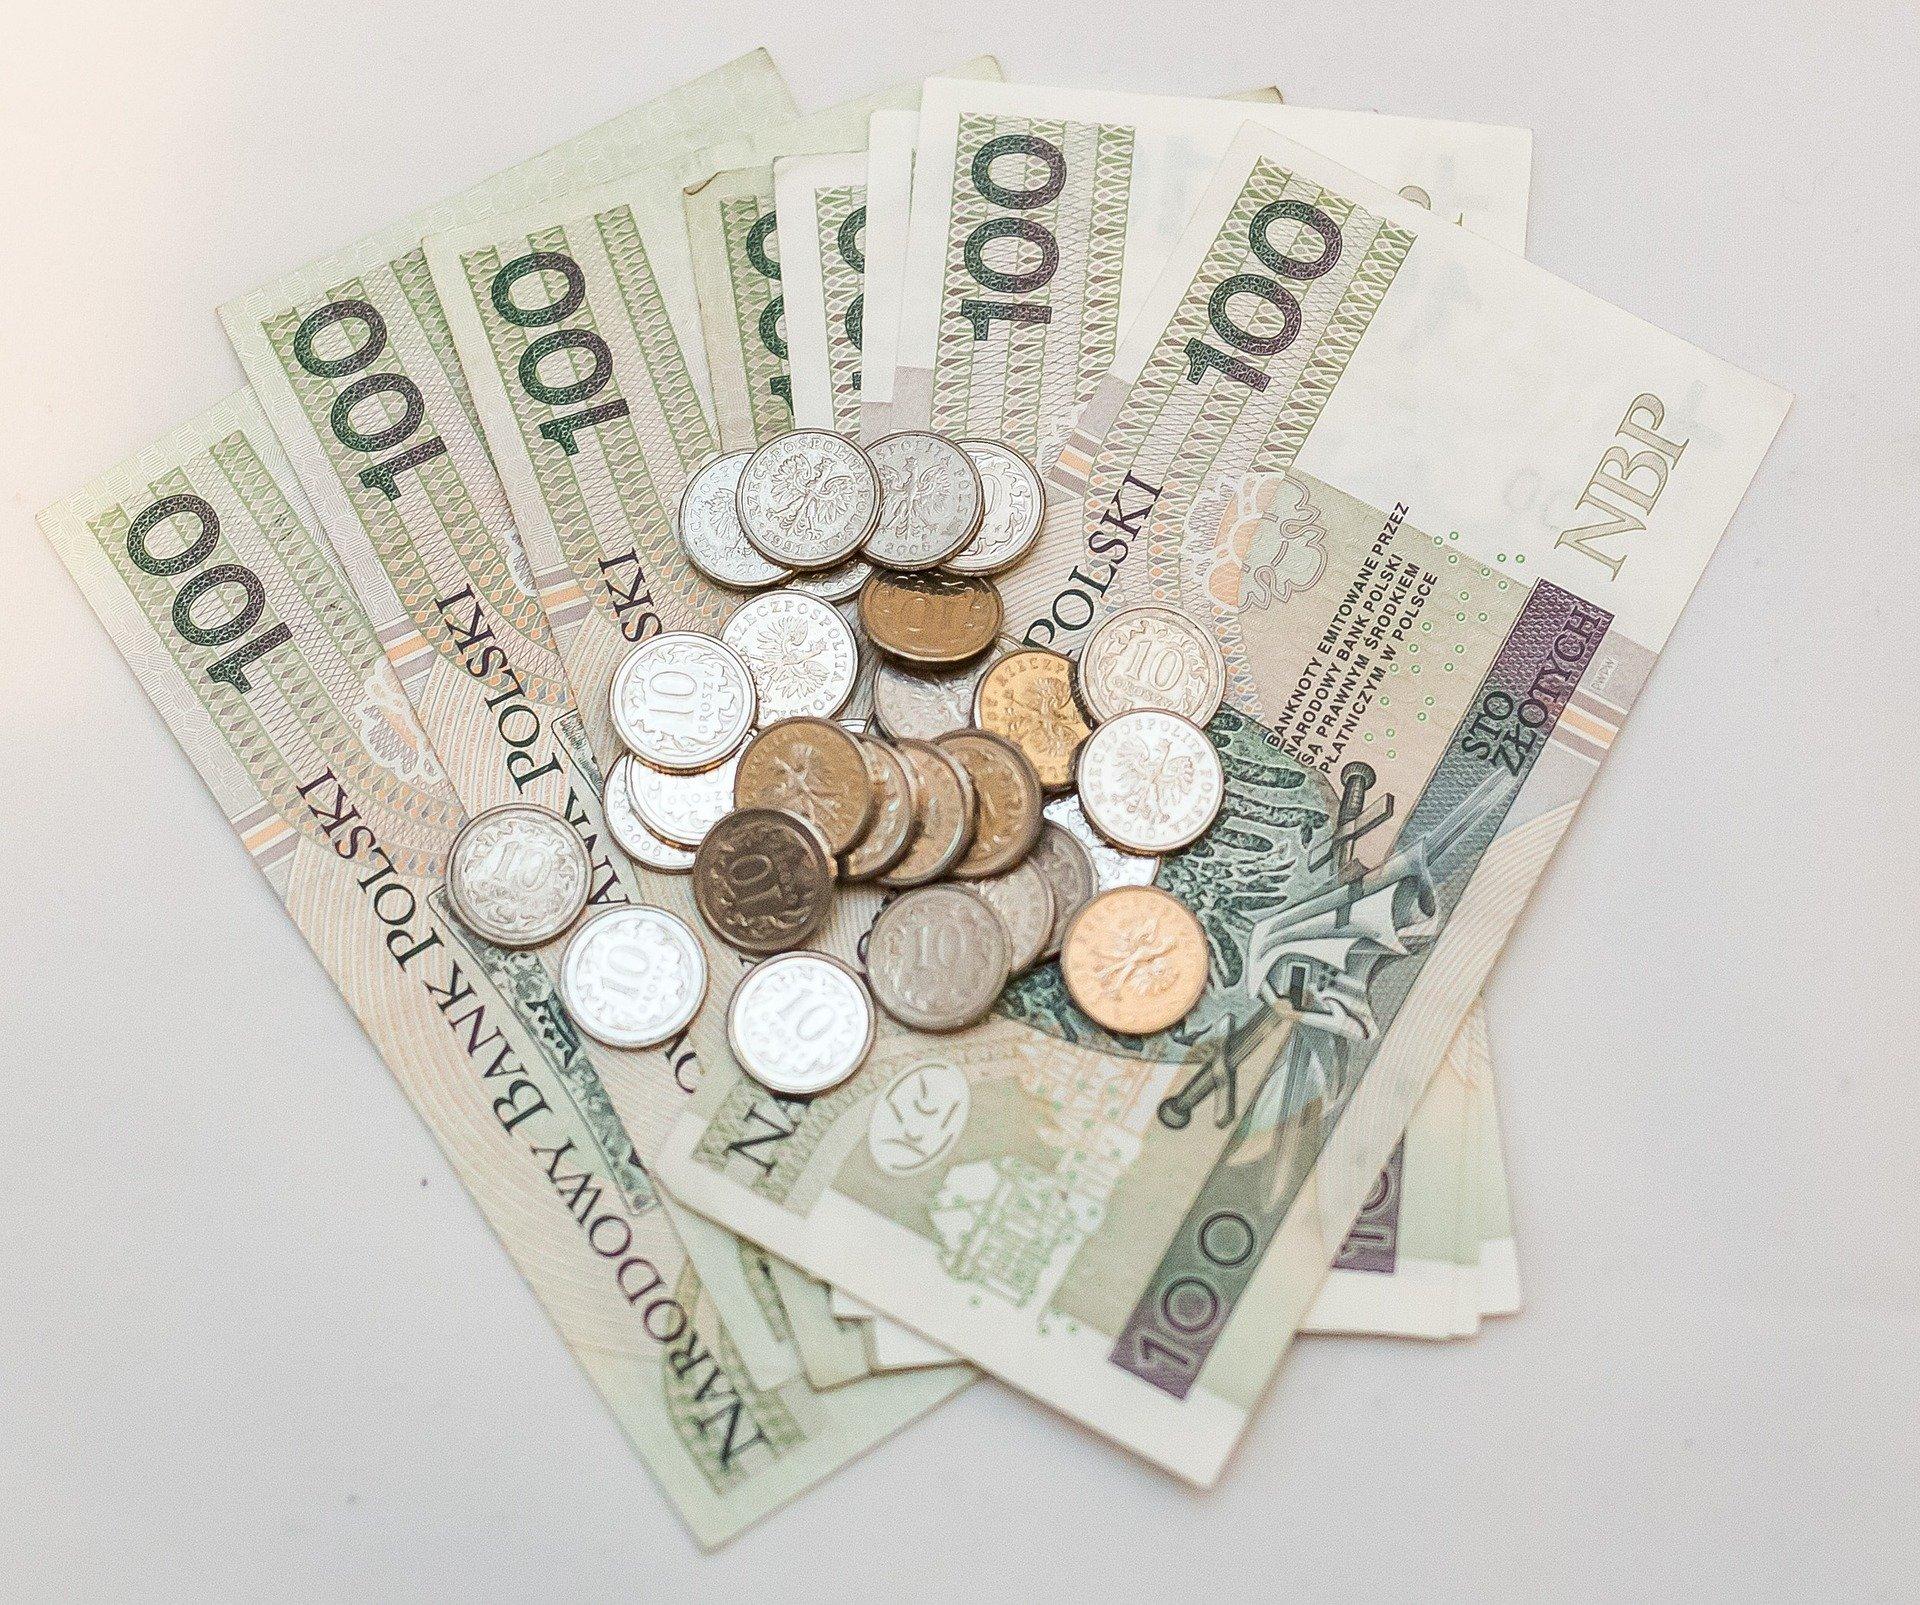 Pożyczka 500 zł - gdzie ją znaleźć?